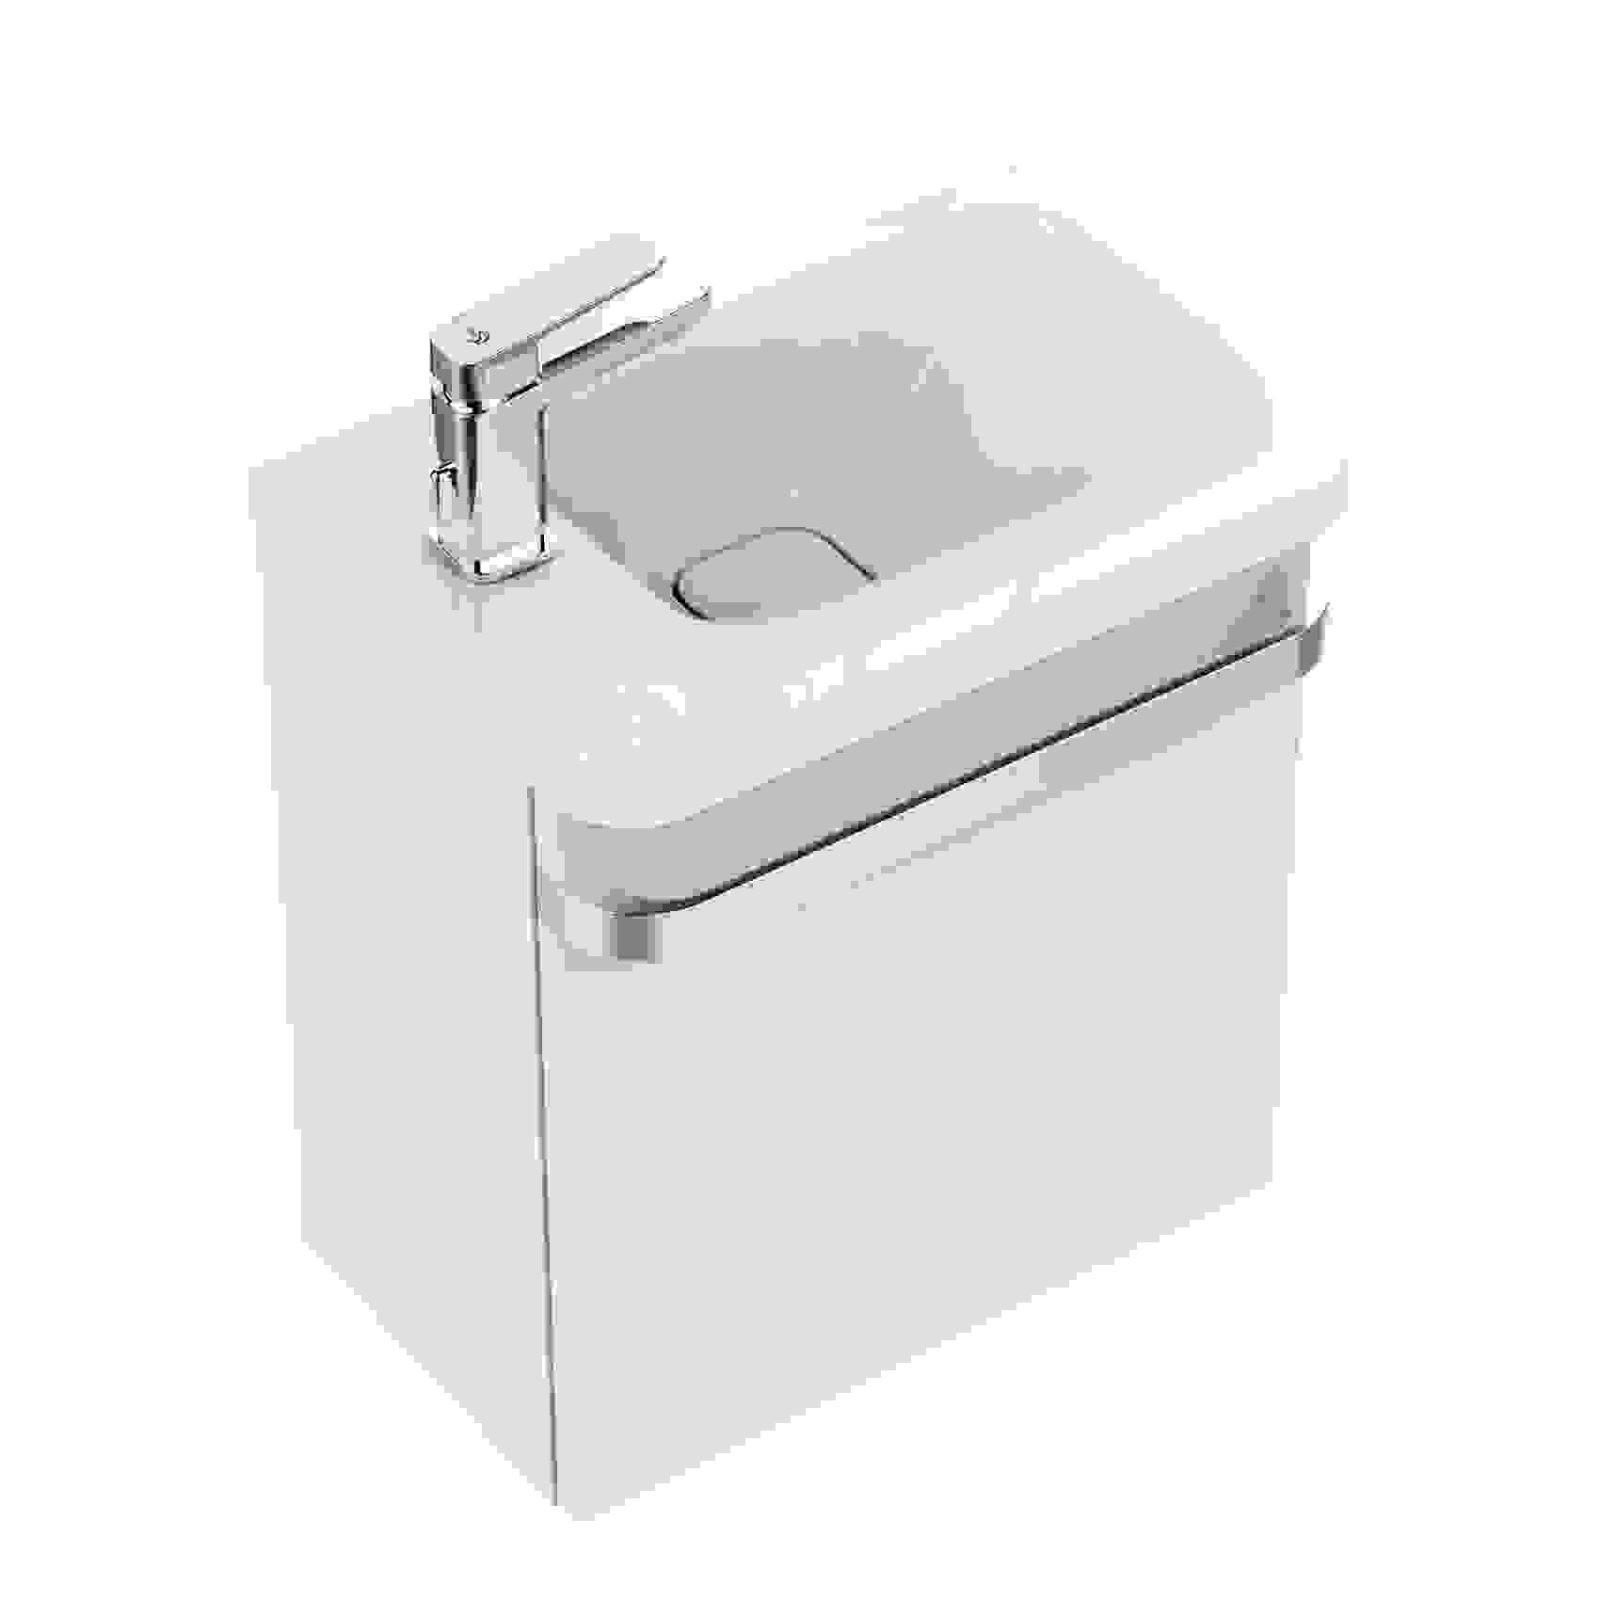 Waschtisch 30 Cm Tief Elegant Waschbecken Cm Tief Gq U Hitoiro Von von Waschtisch 30 Cm Tief Photo